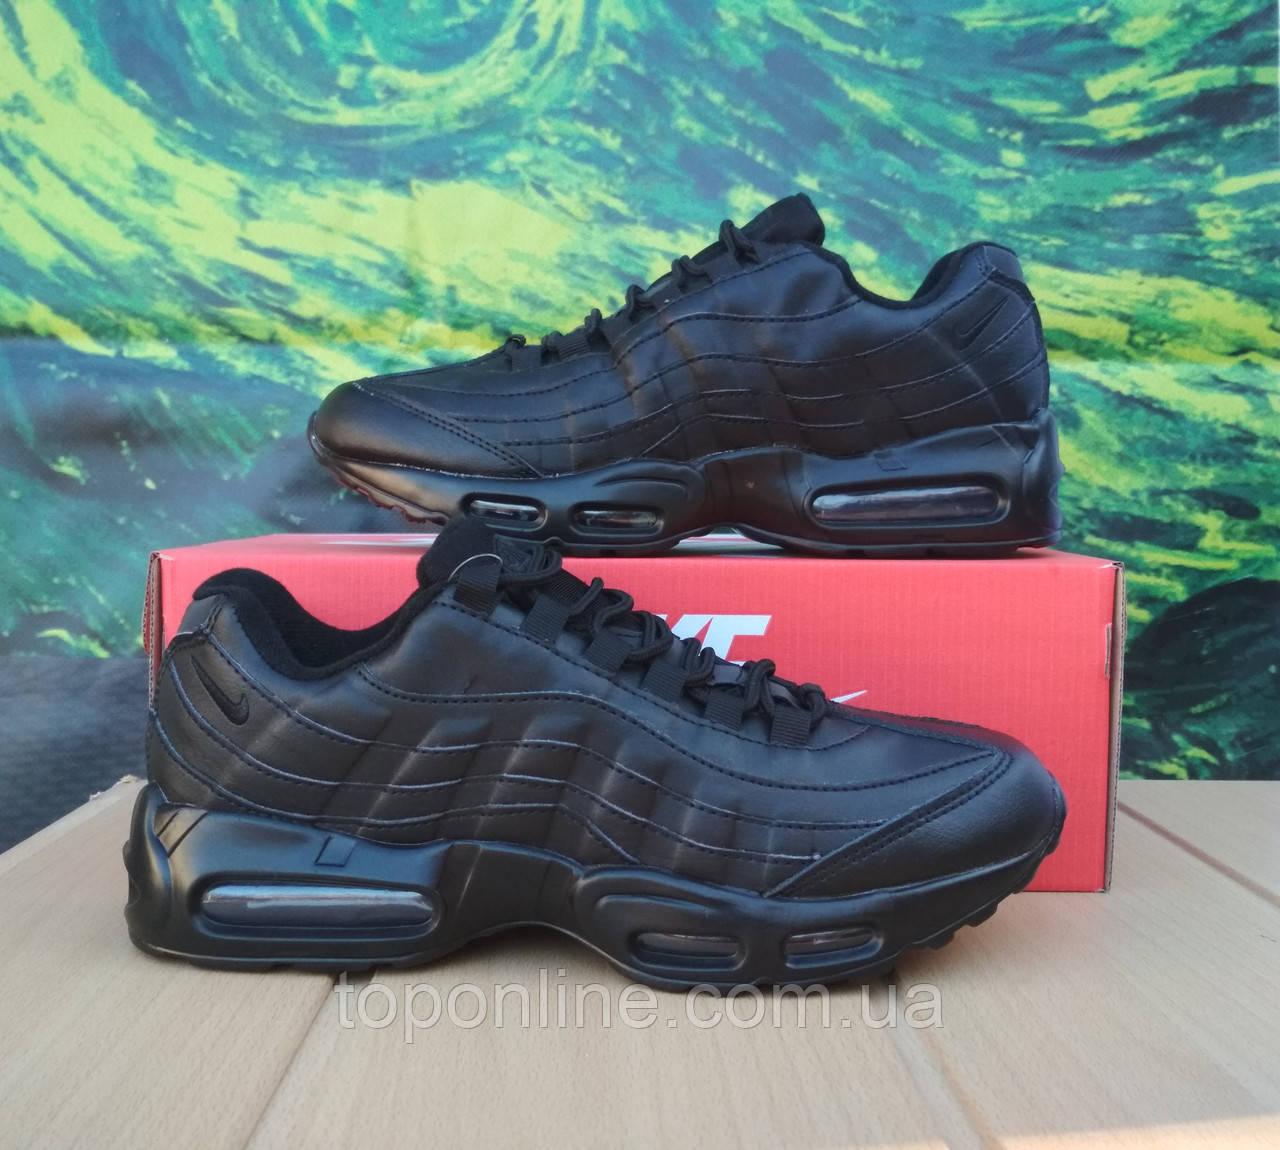 65516a01 Кроссовки мужские в стиле Nike Air Max 95 all black: продажа, цена в ...